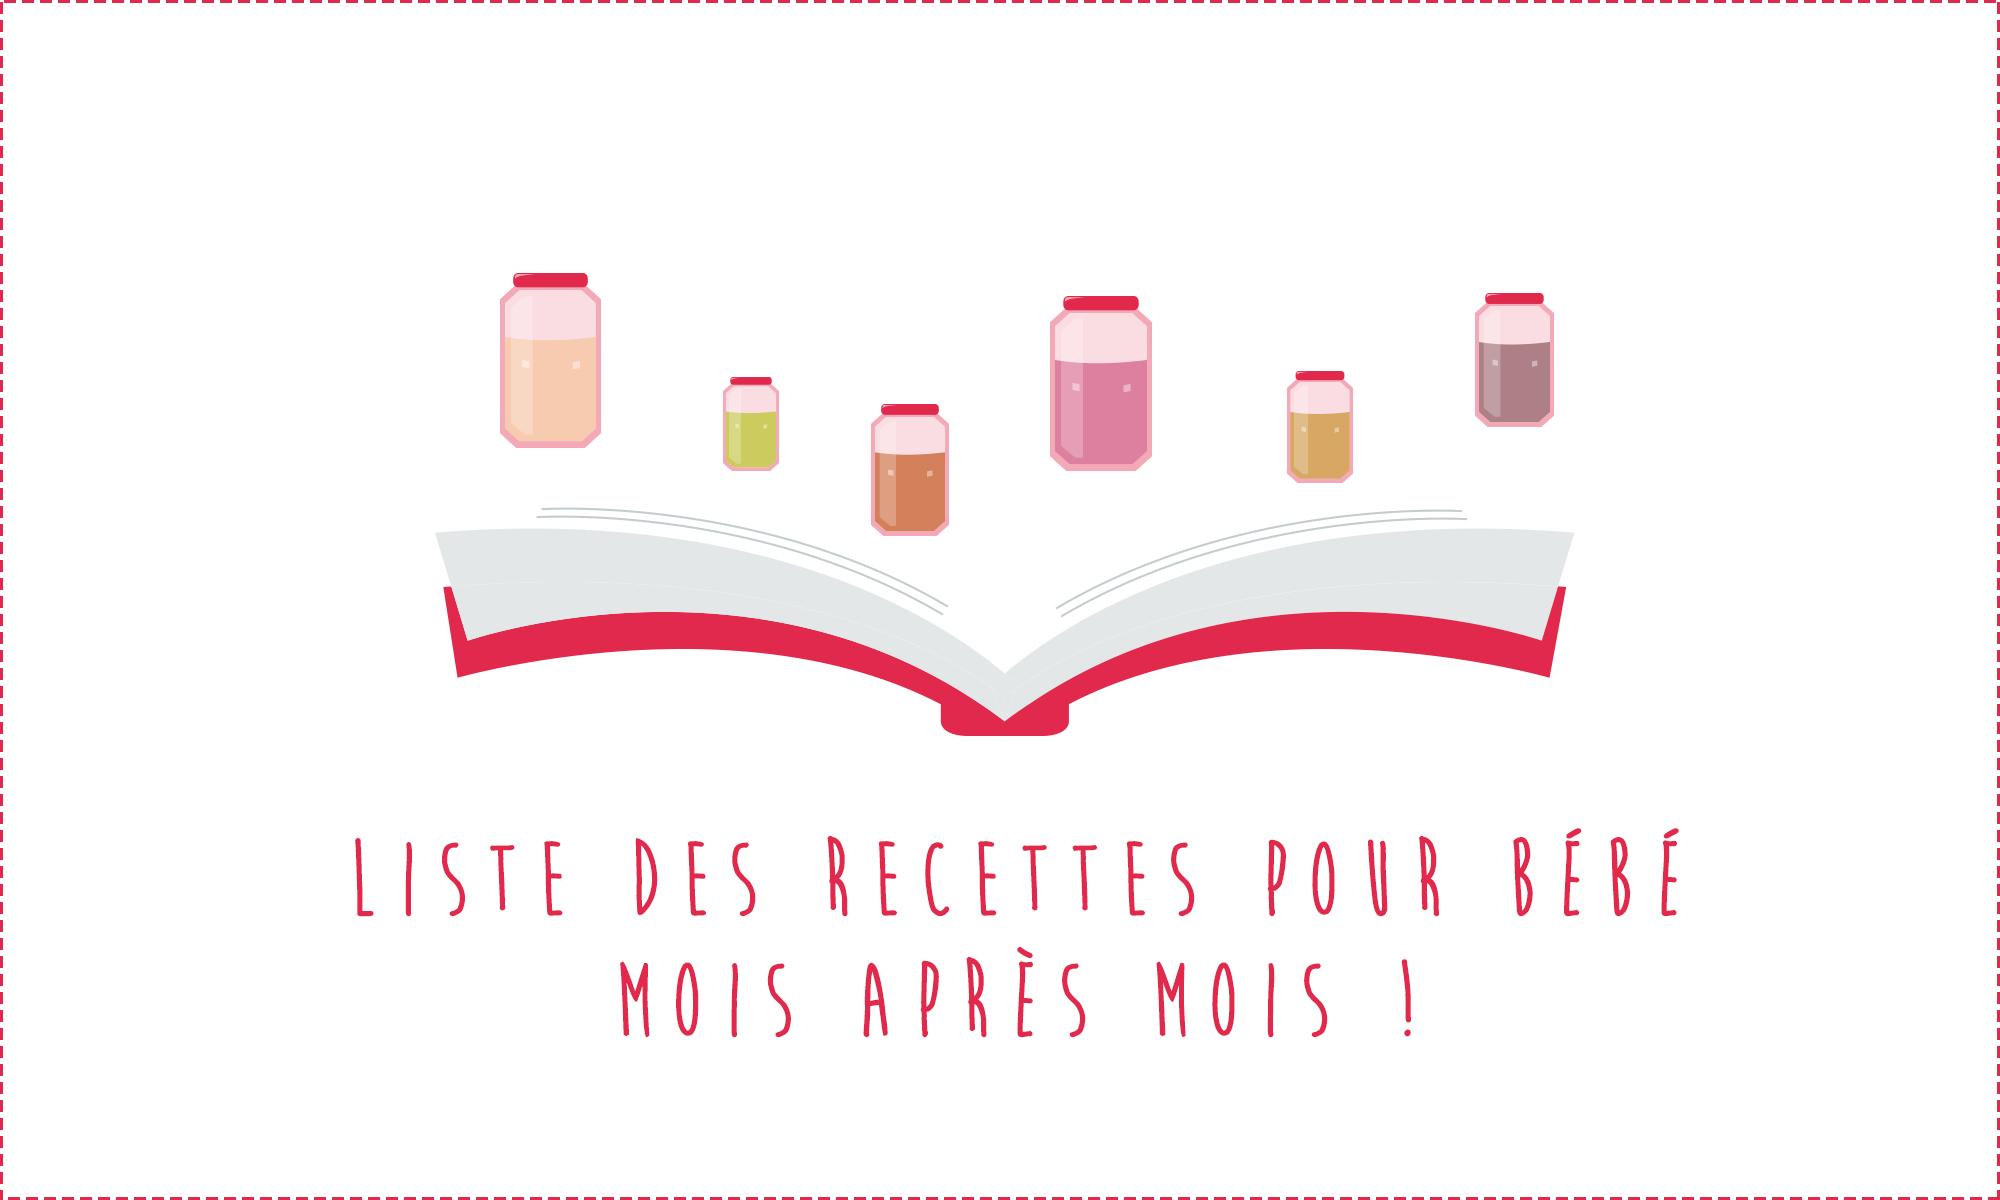 Liste des recettes pour bébé – Par âge – Mois après mois – Dès 4 mois !